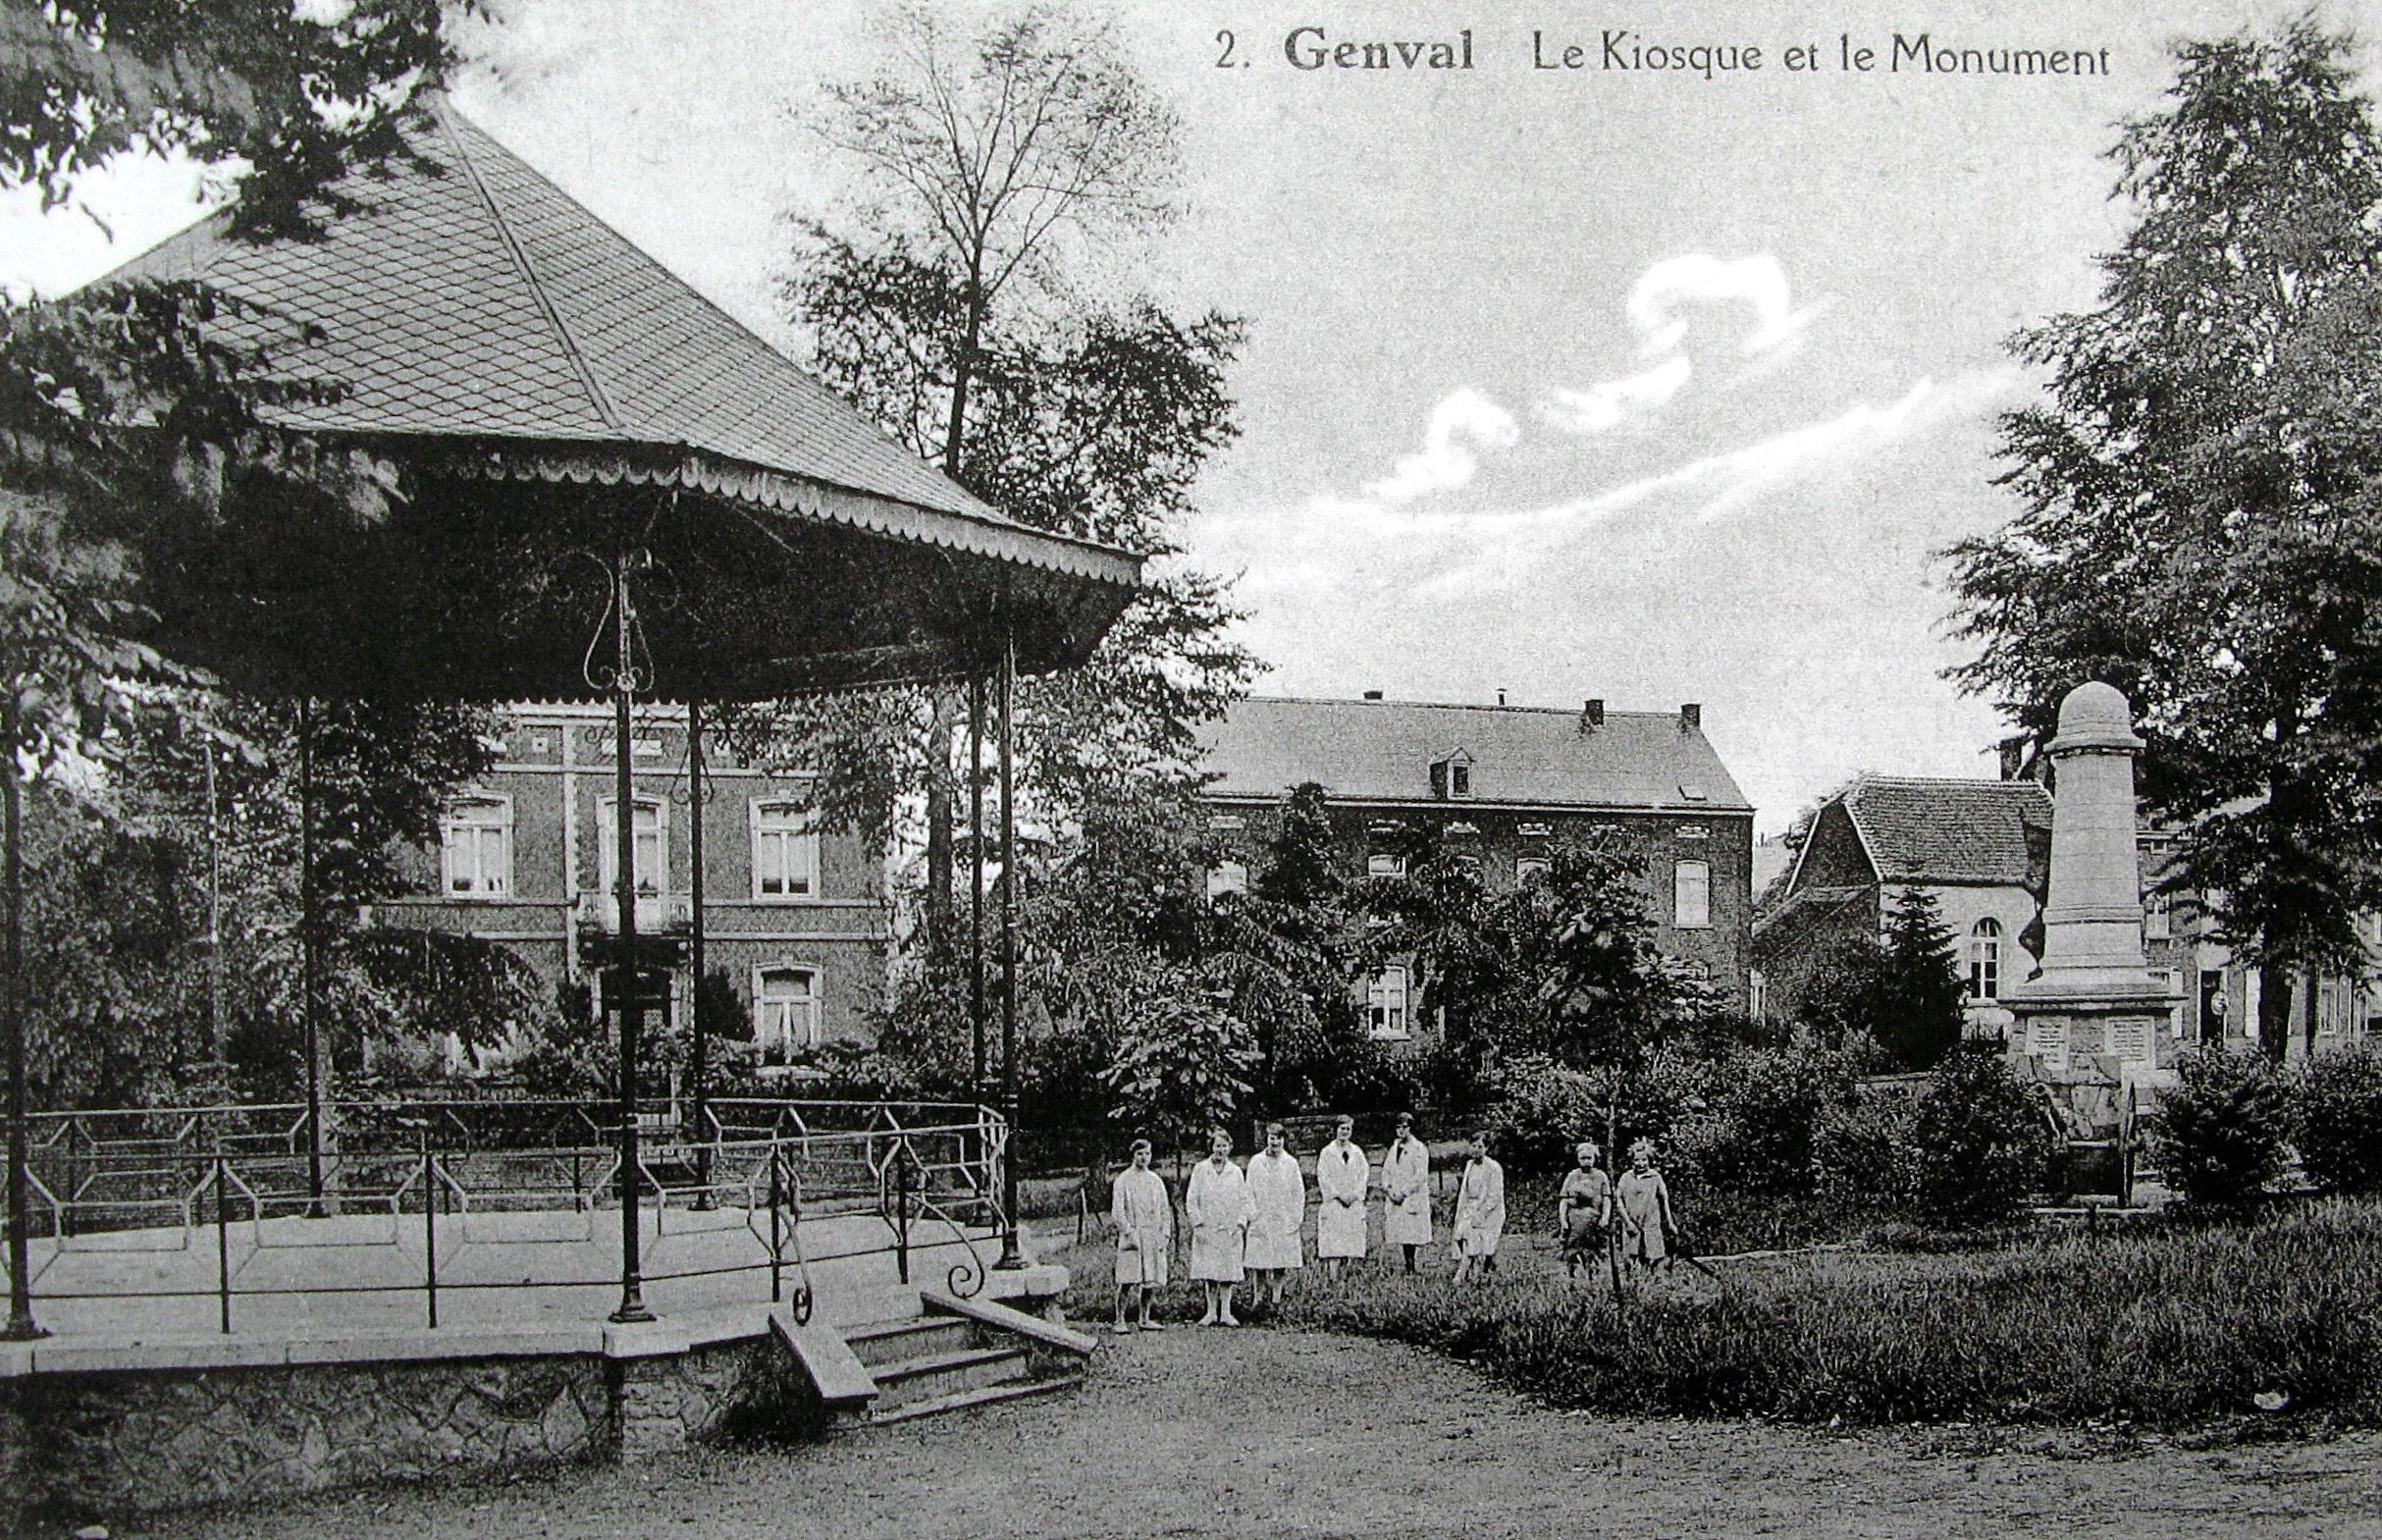 610. Le Kiosque et le Monument Collection Cercle d'Histoire de Rixensart copie